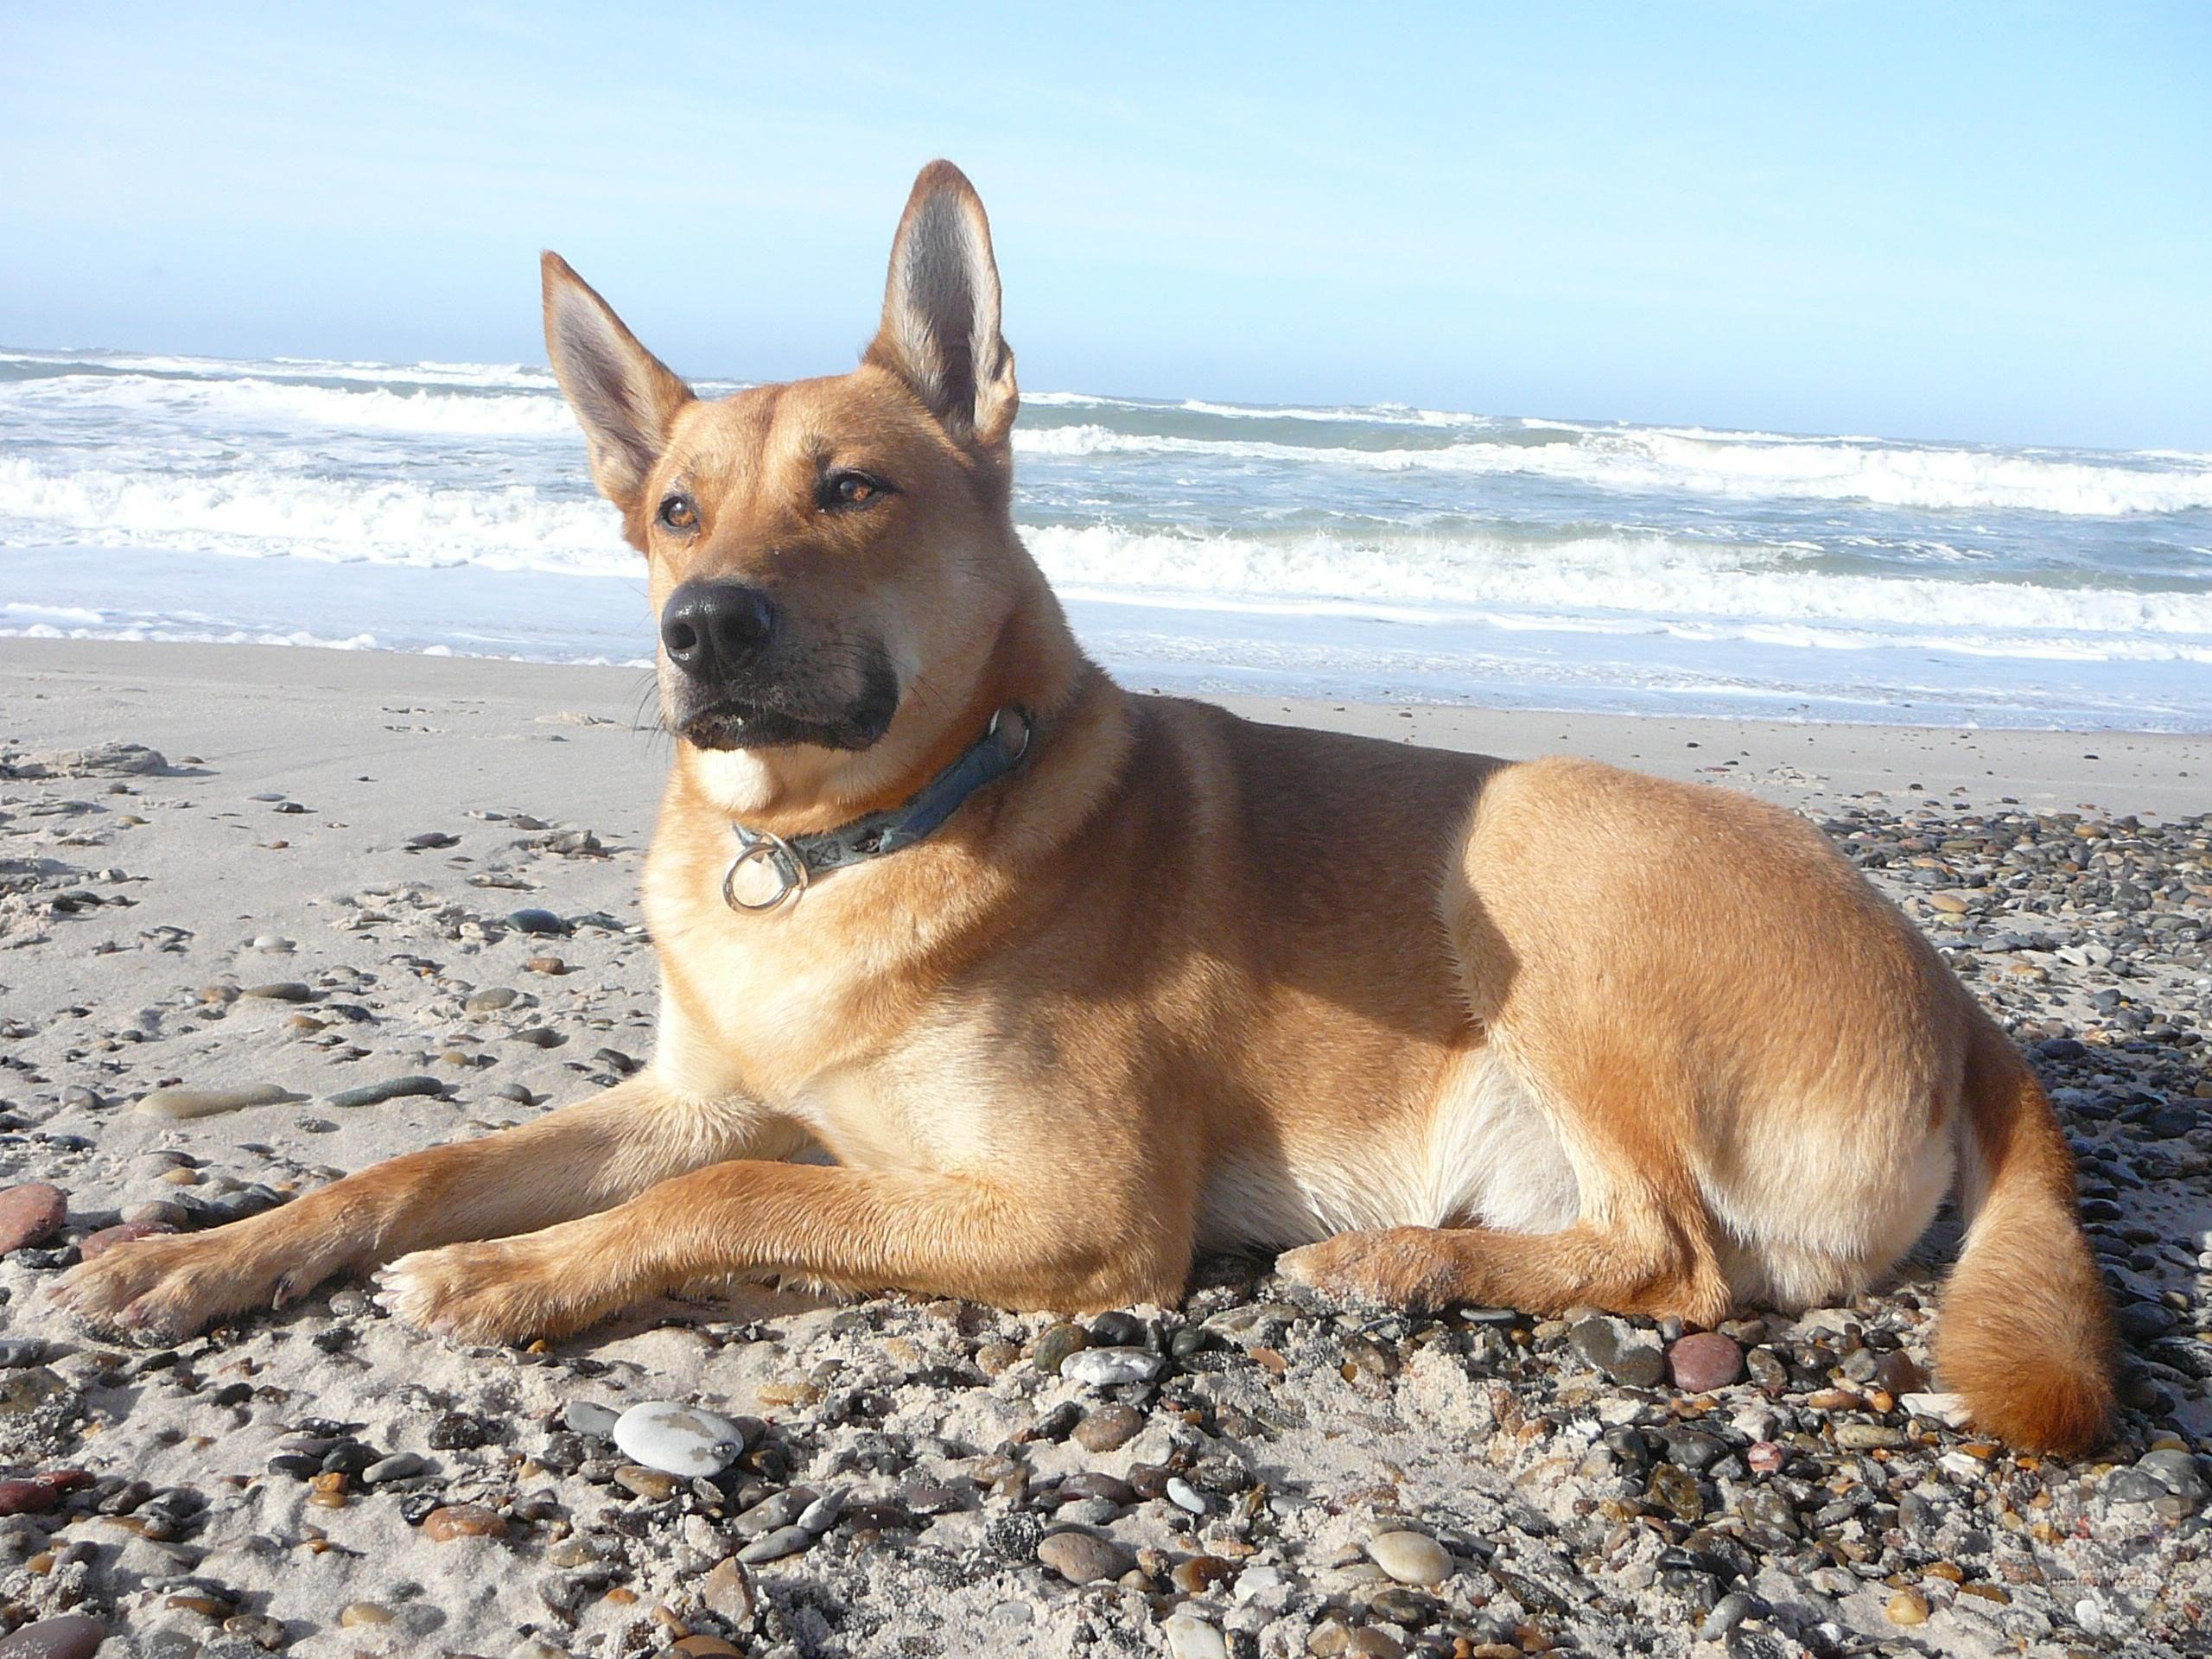 صور رمزيات خلفيات كلاب كيوت صورة كلب كيوت جدا 21